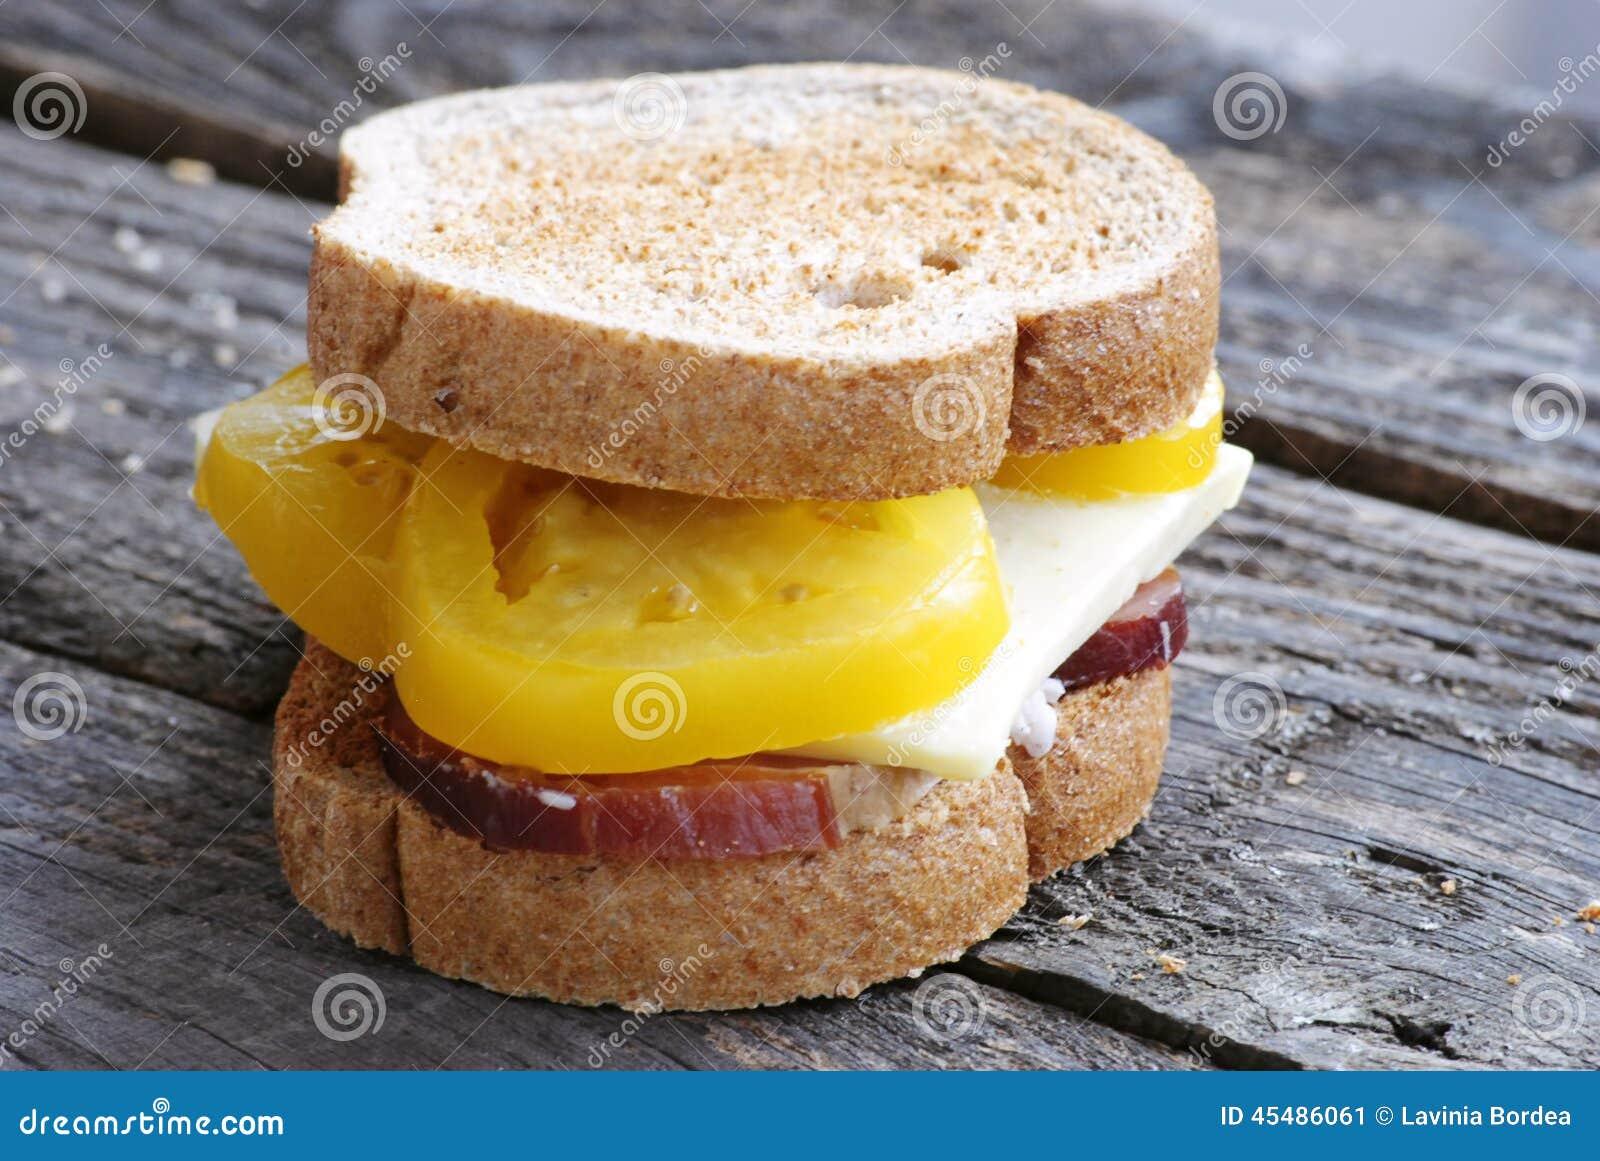 有机三明治